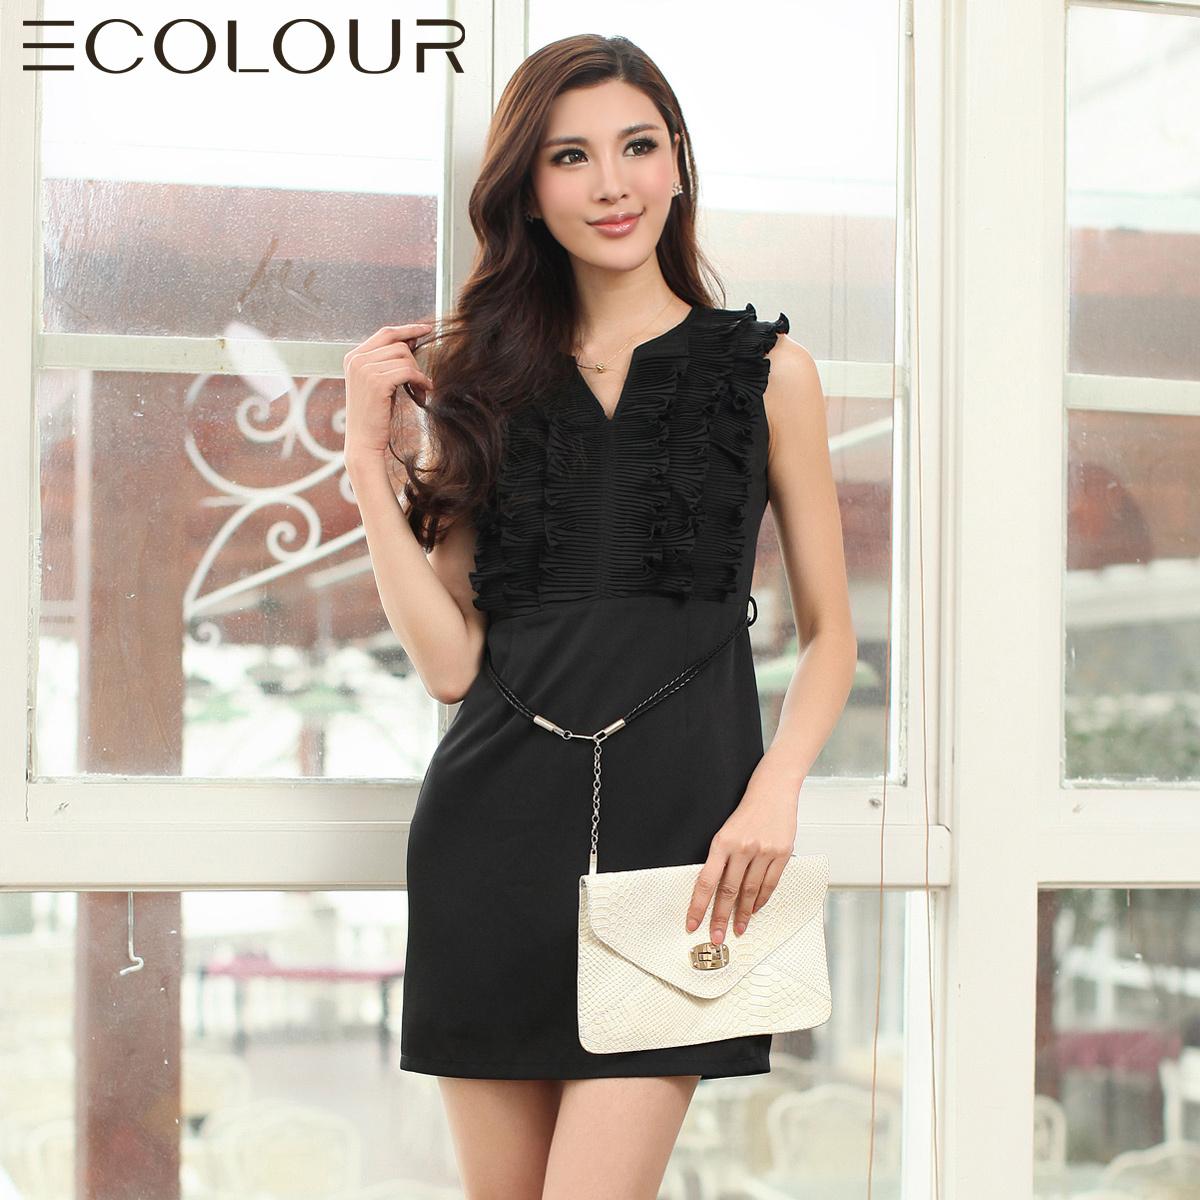 Женское платье Three/color 1206150717 2012 379